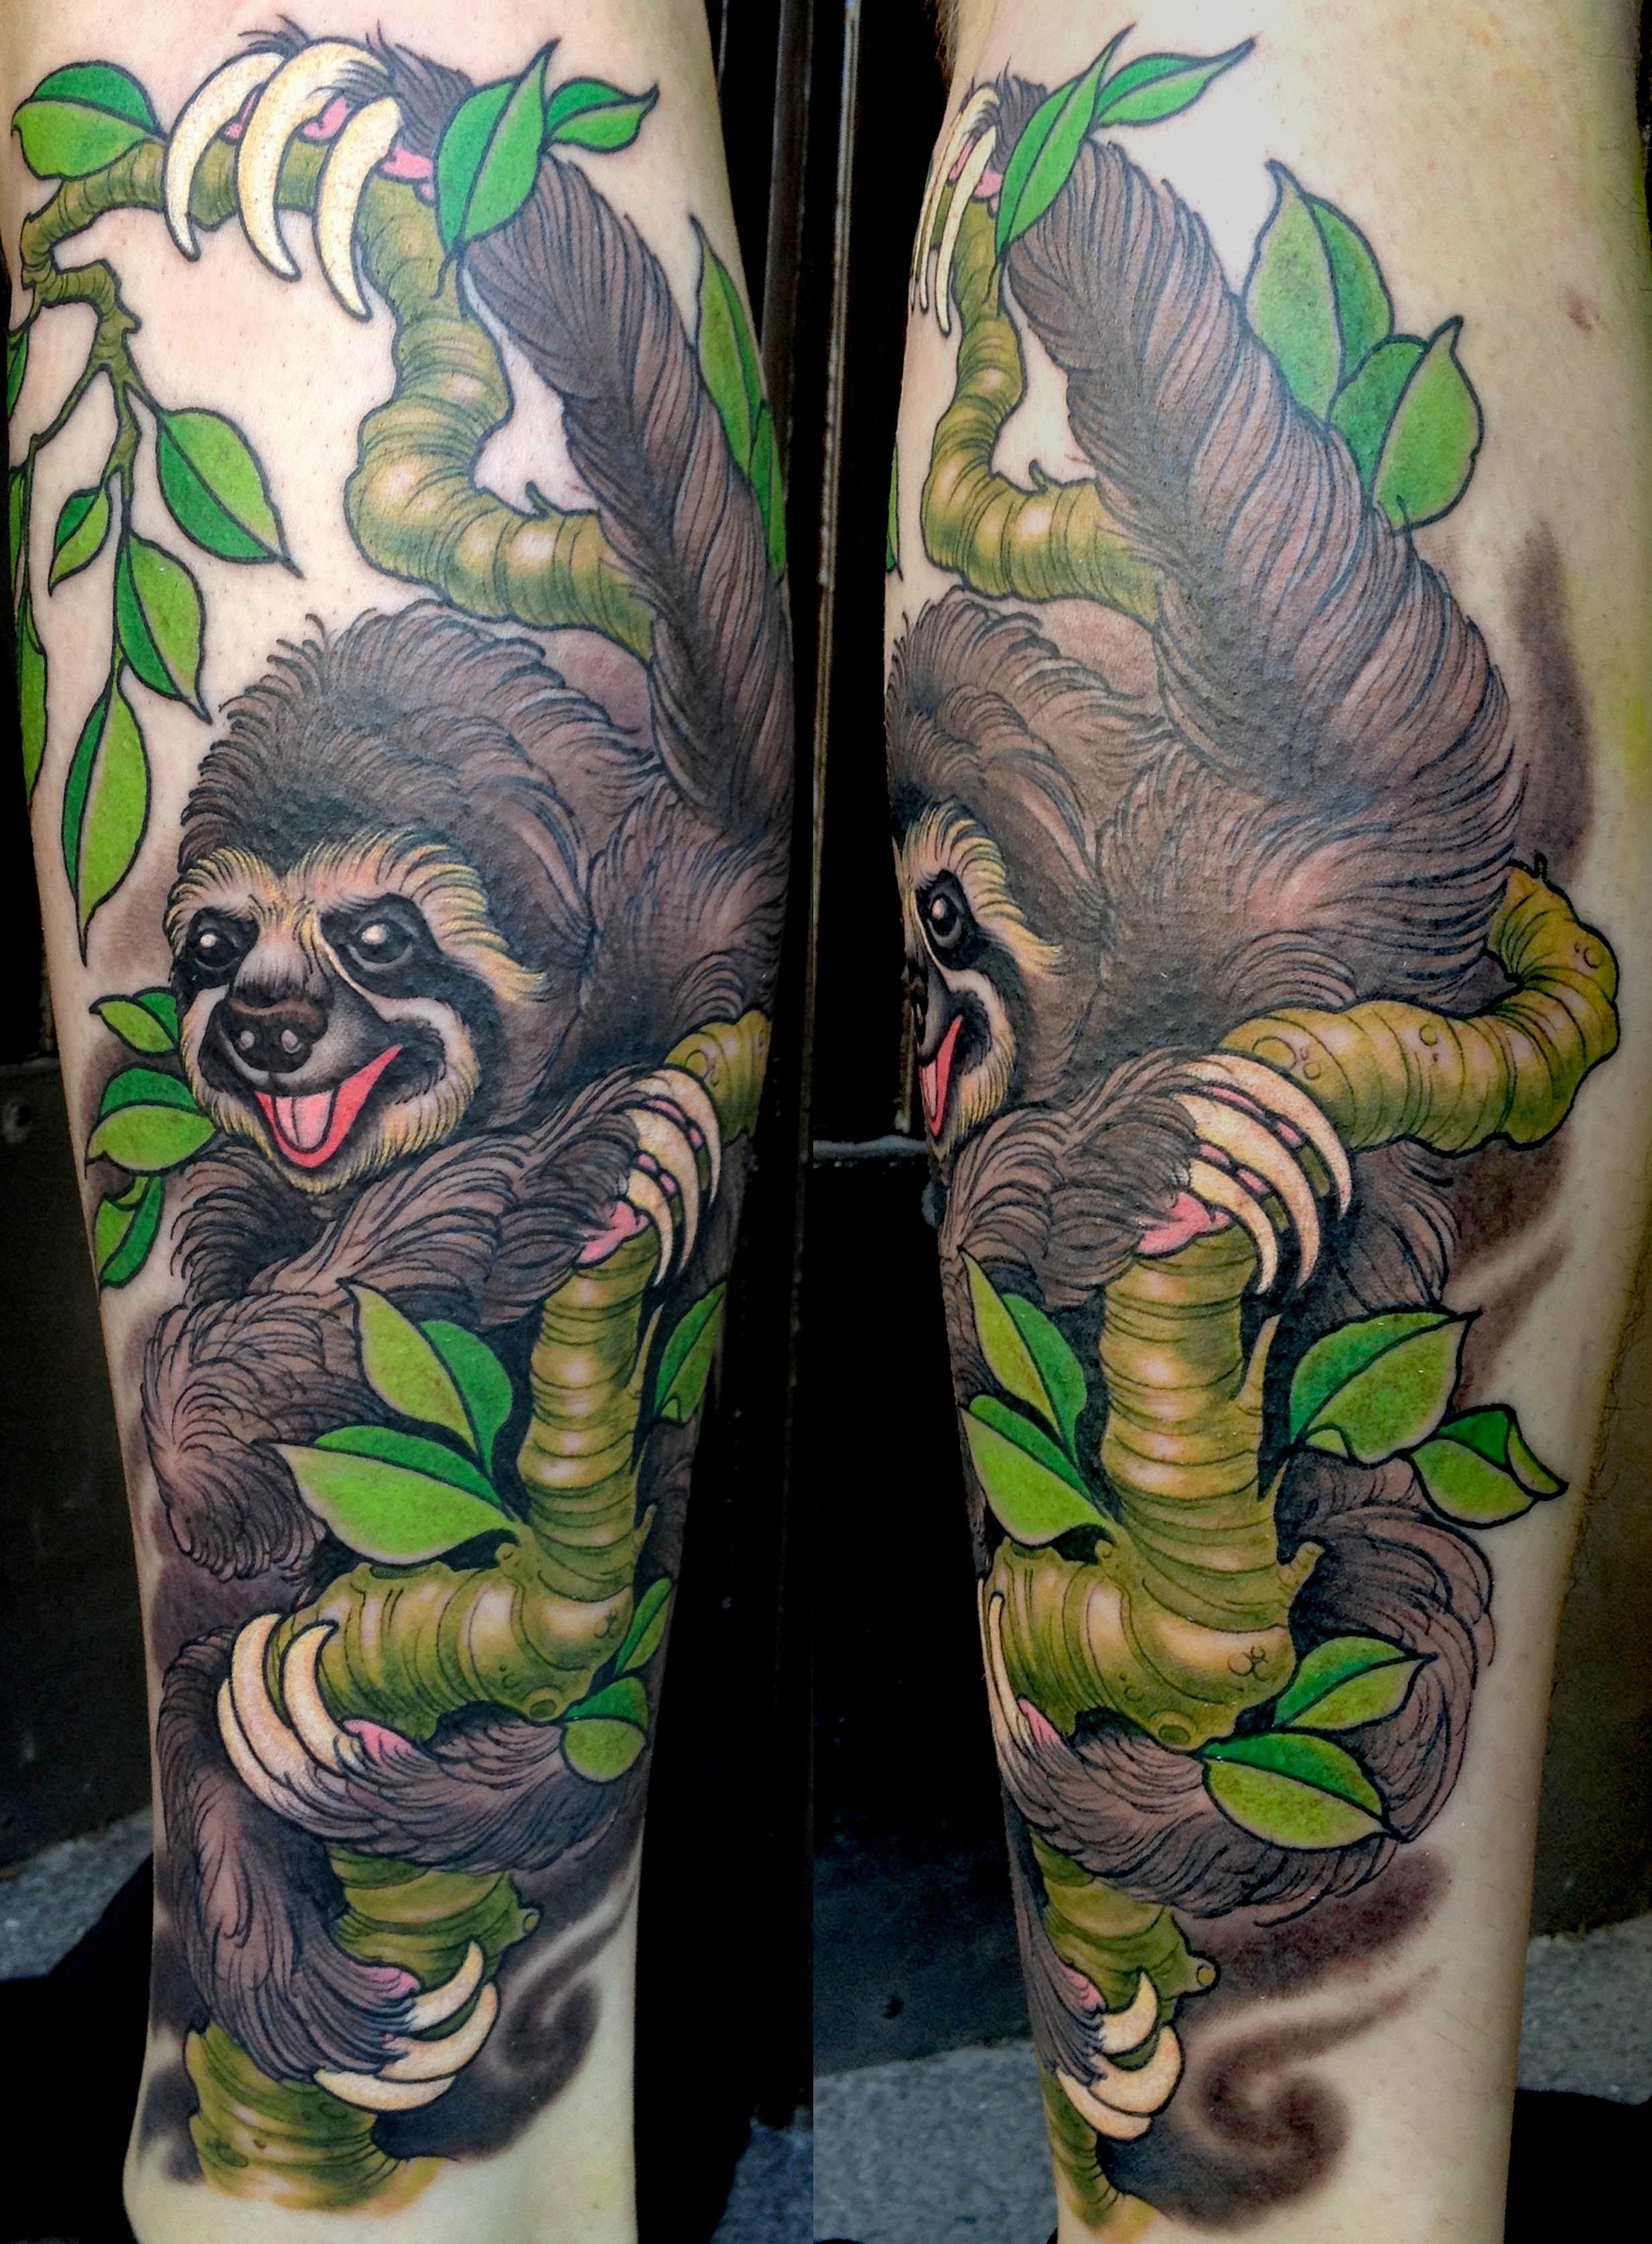 sloth time let 39 s get tatt 39 n. Black Bedroom Furniture Sets. Home Design Ideas